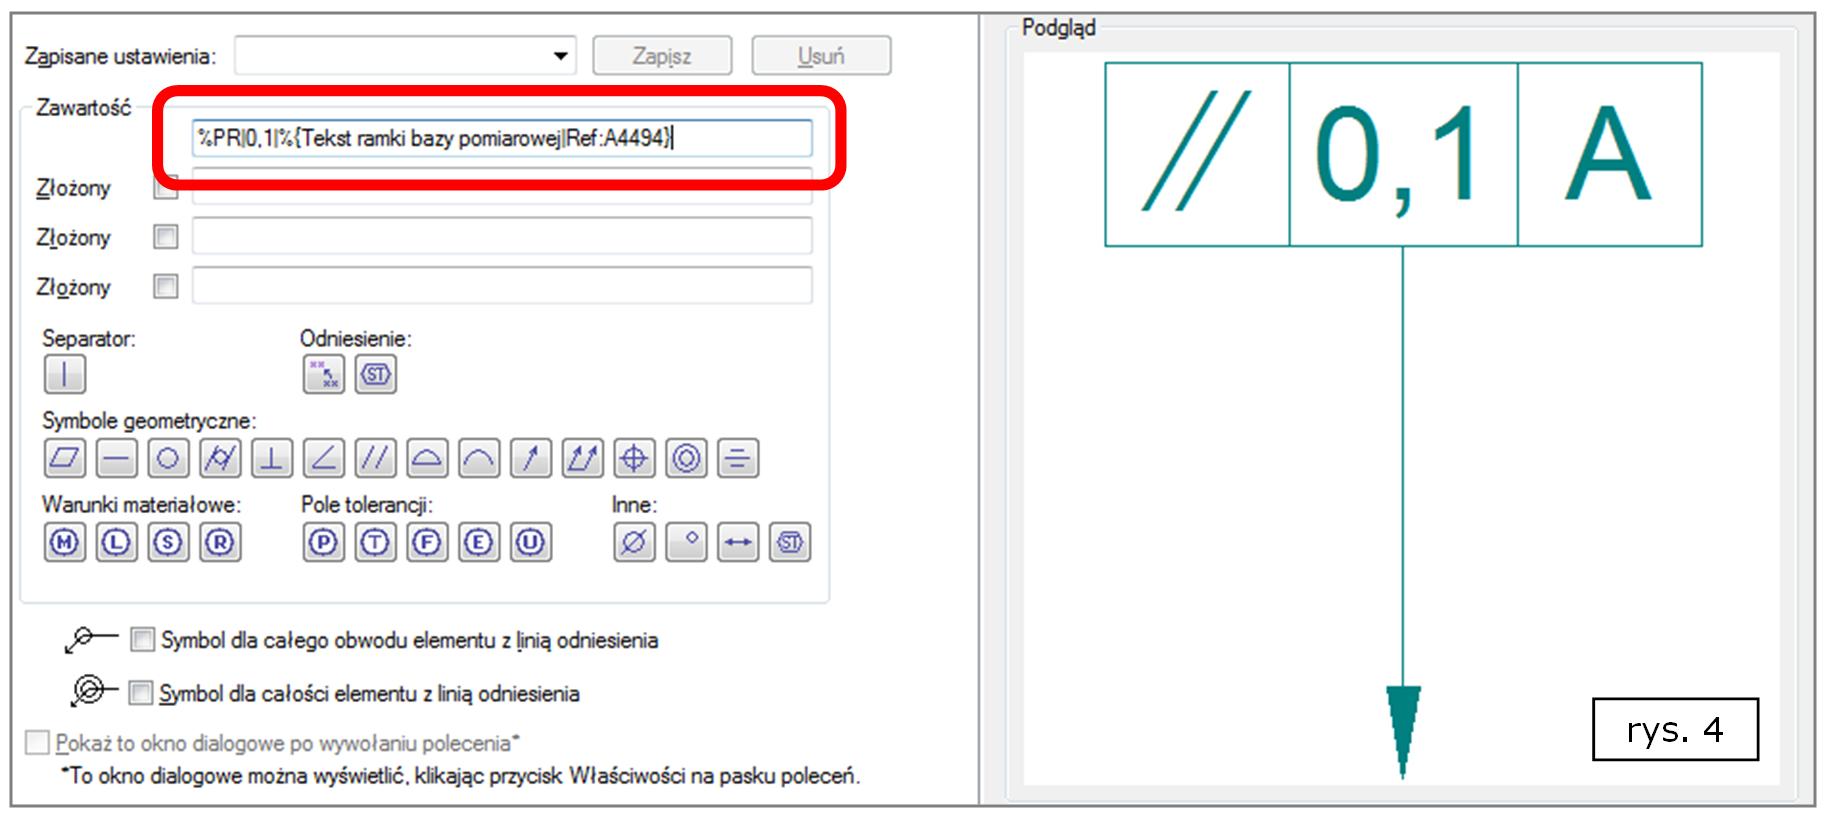 Jak zautomatyzować aktualizowanie informacji w Solid Edge ST7